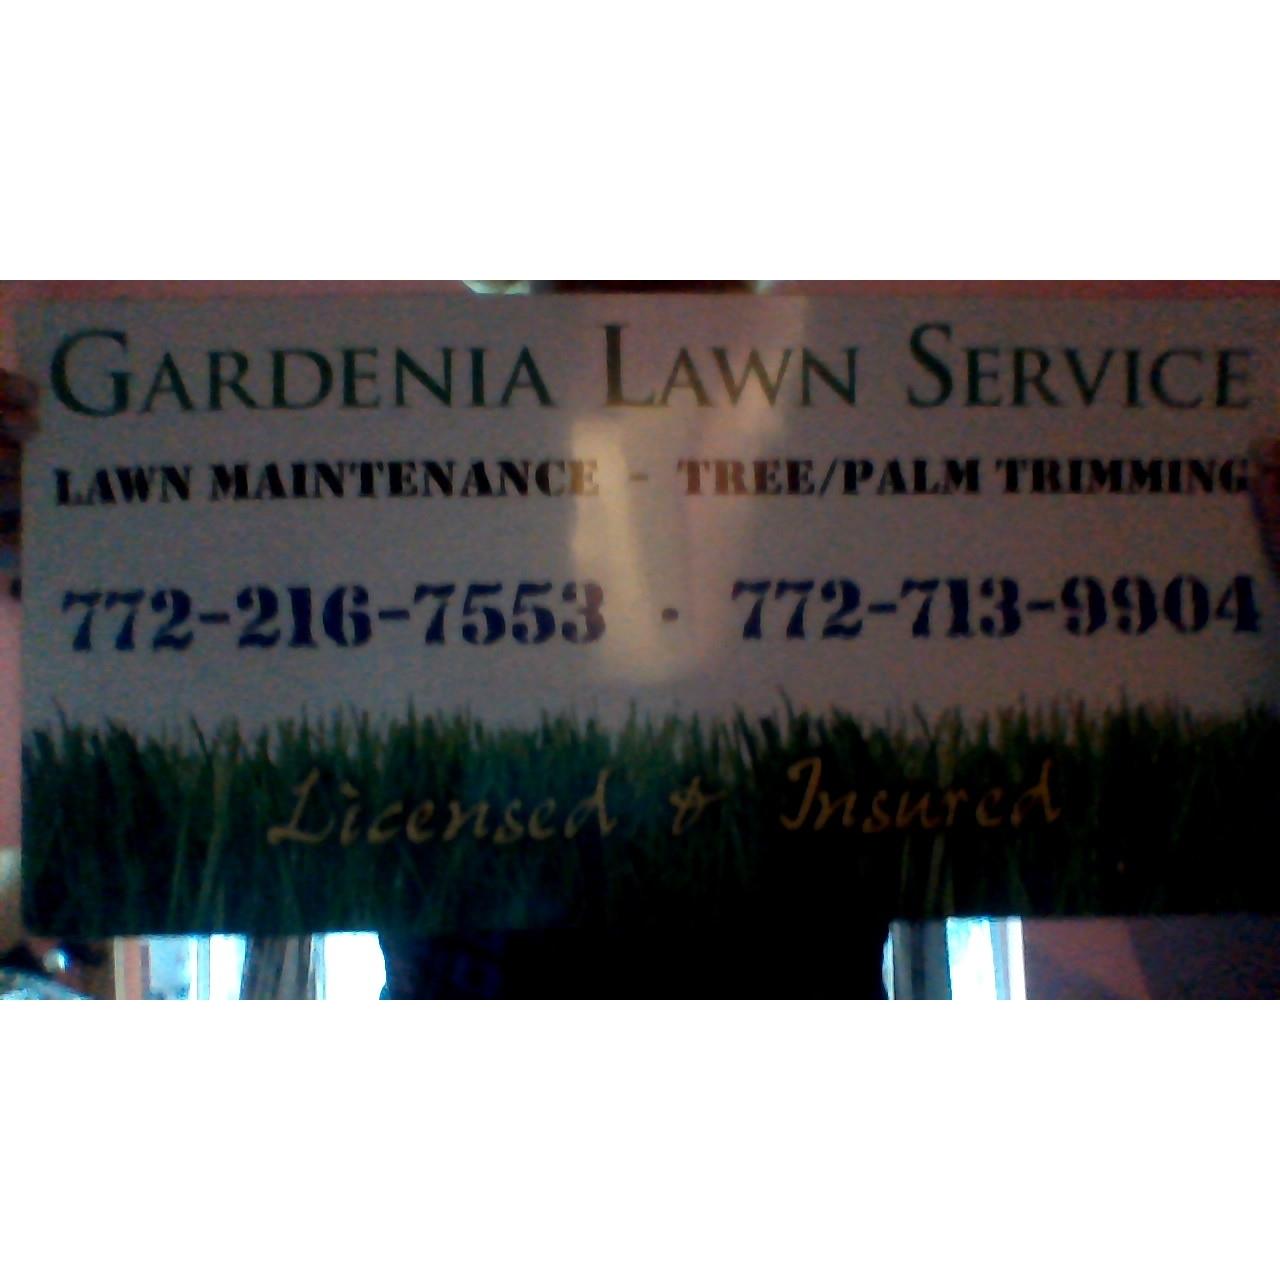 Gardenia Lawn Service